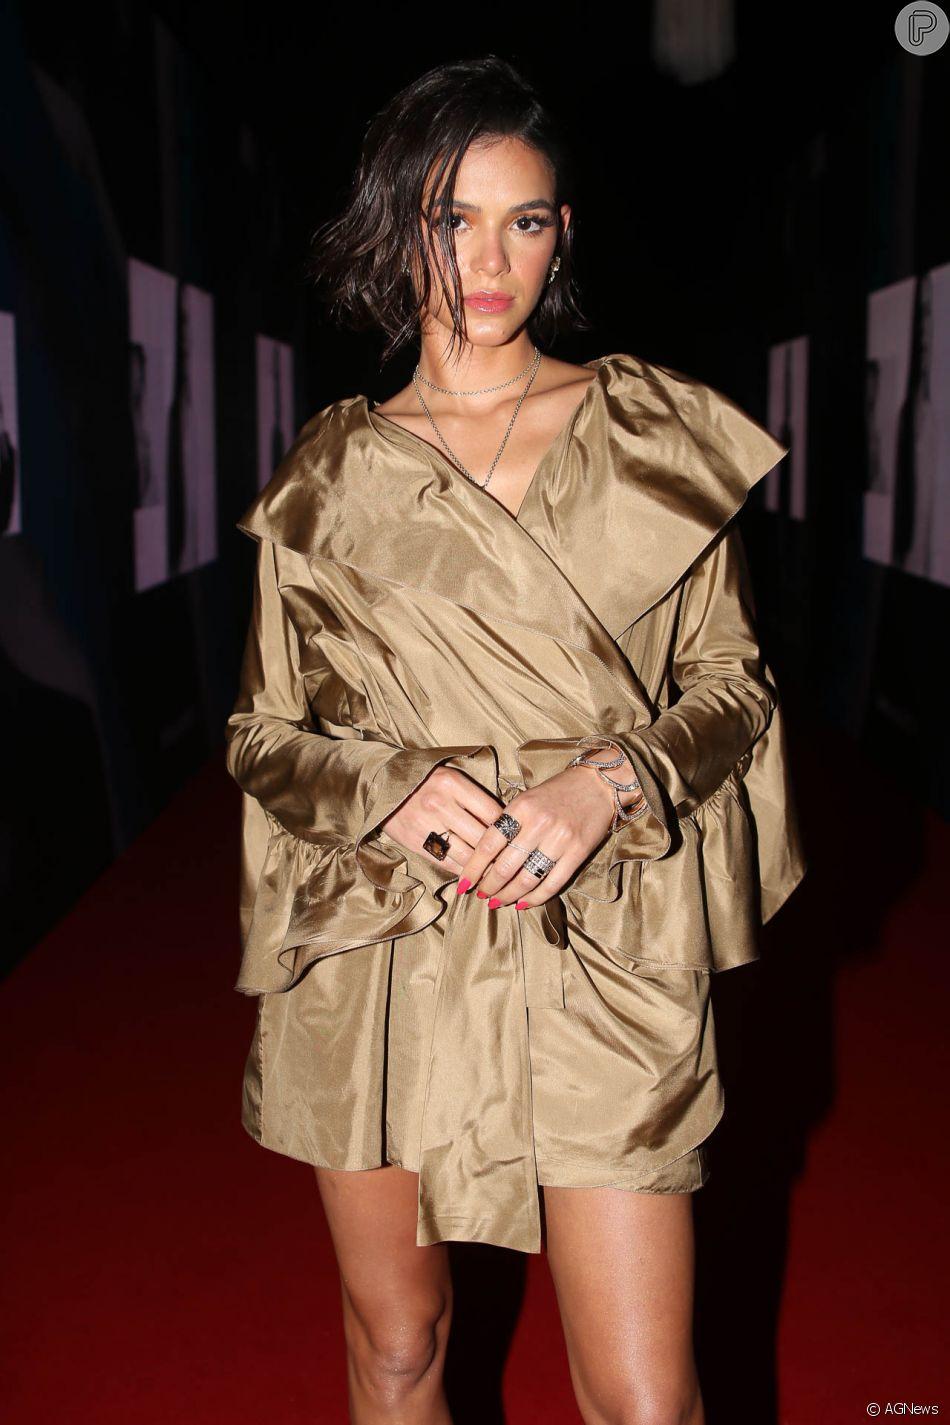 Bruna Marquezine nega desejo por cabelo loiro e curto em conversa com fãs no Twitter, em 26 de novembro de 2018